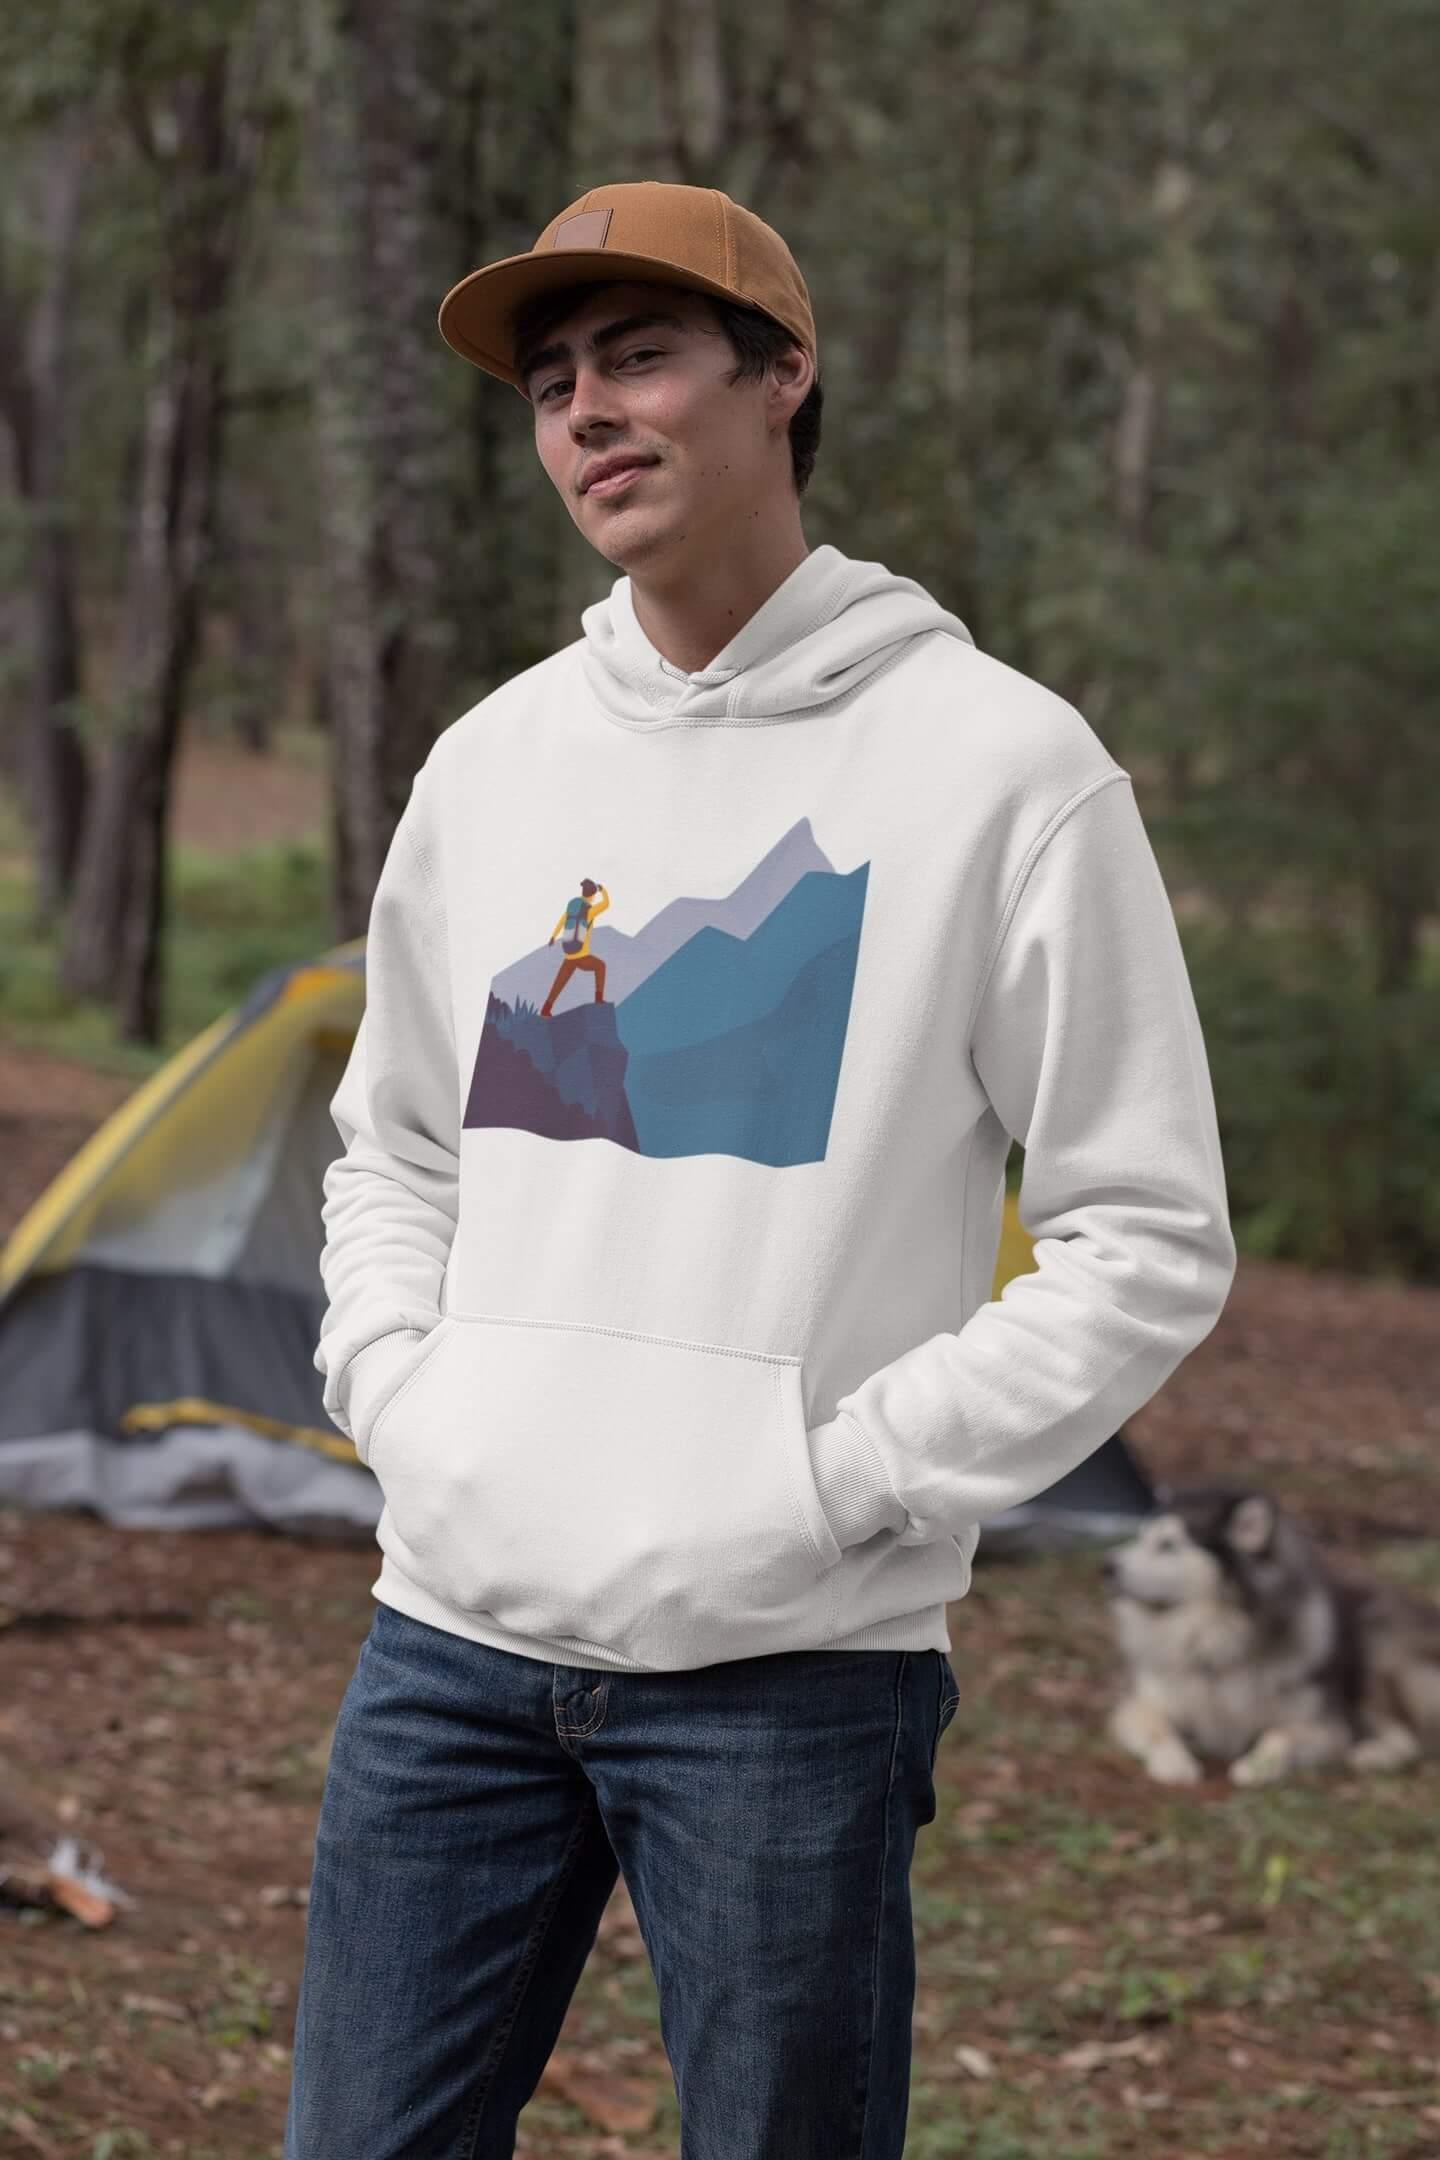 MMO Pánska mikina s kapucňou adventure Vyberte farbu: Biela, Vyberte veľkosť: XL